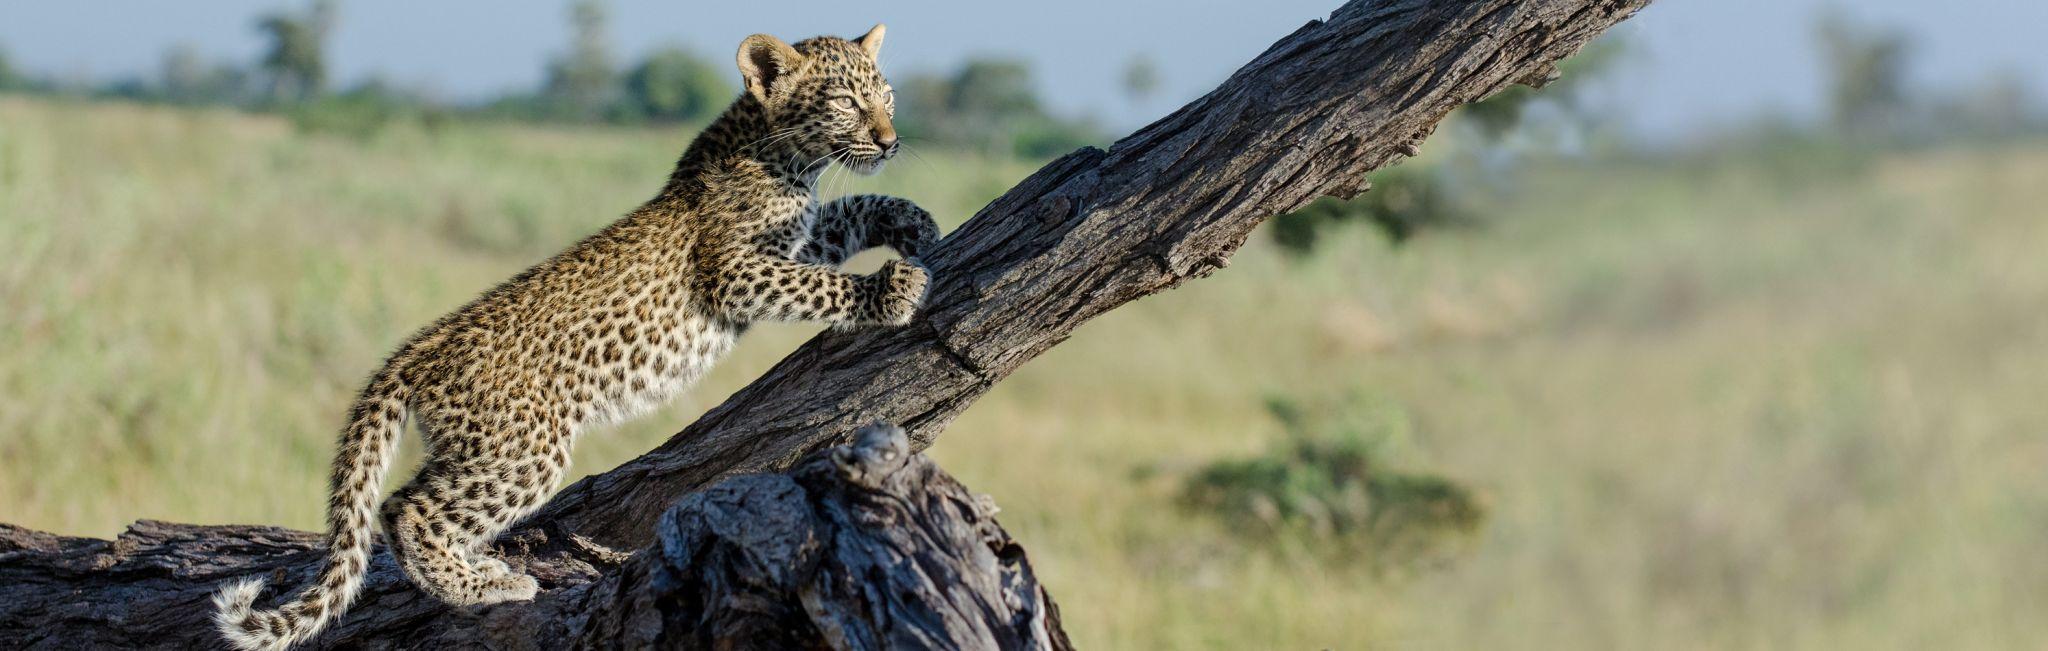 Leopard cub climbing tree - Kenya safari